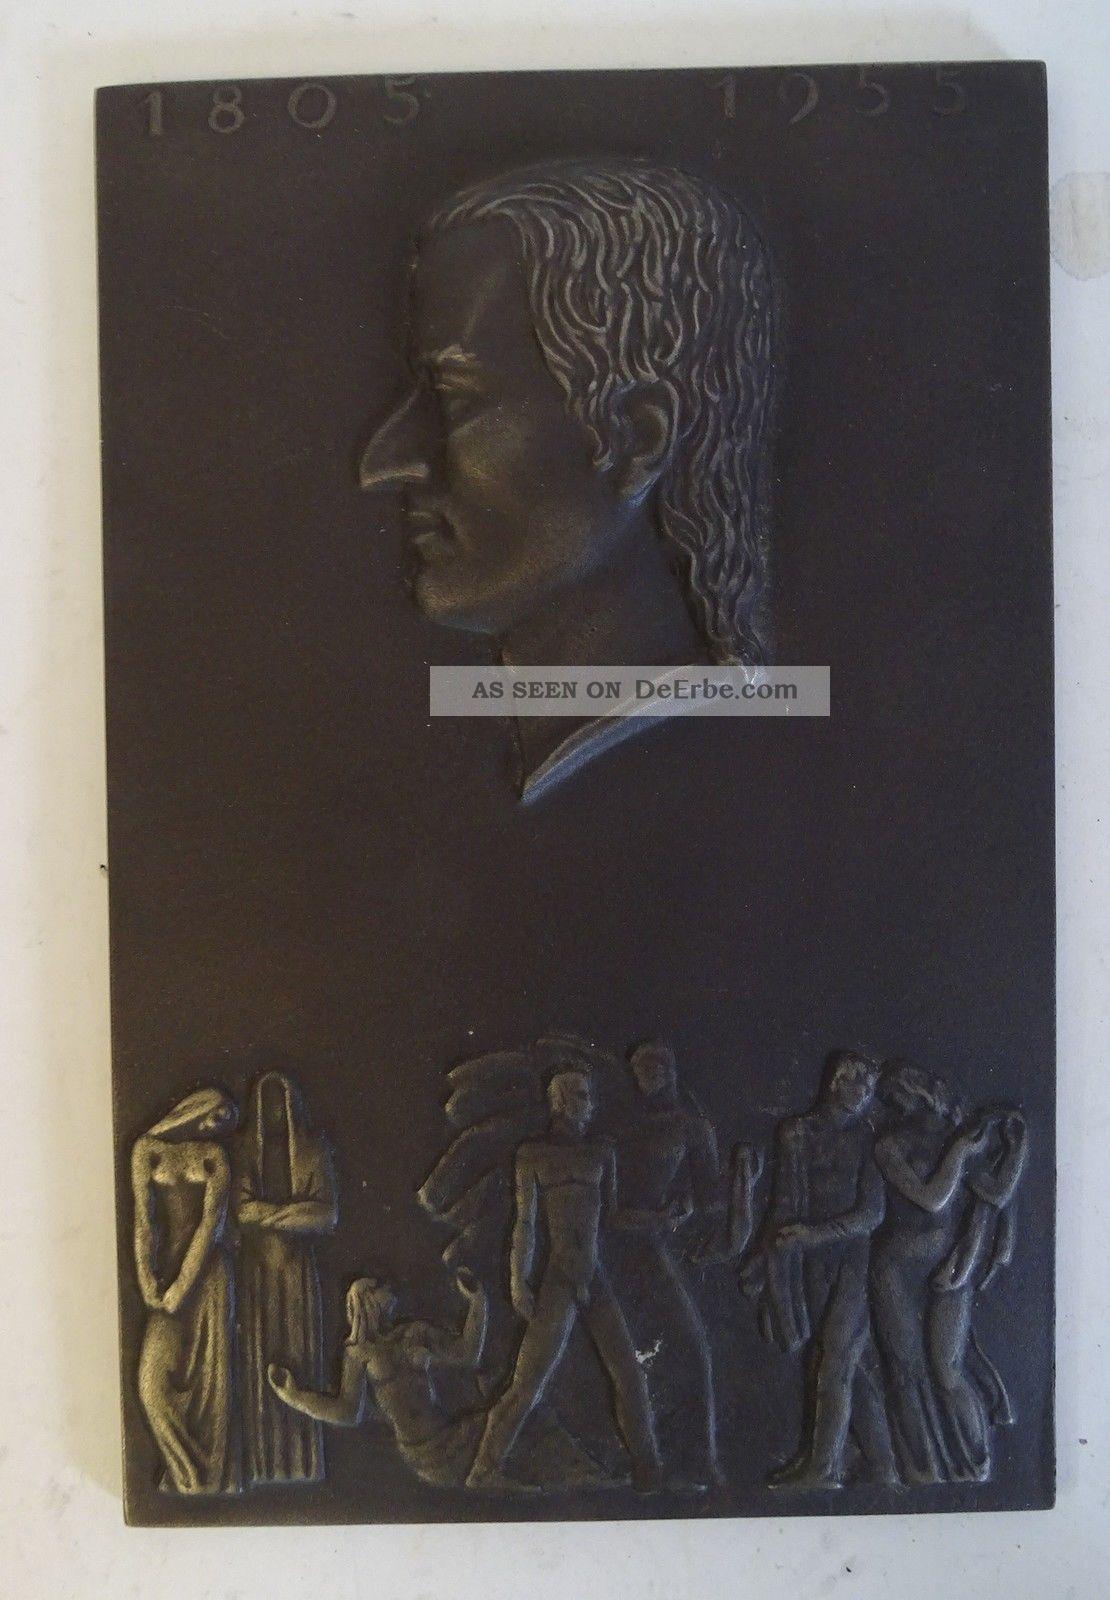 Antike Guss Wand Platte Shw Schiller Jahr 1955 Wasseralfingen Gefertigt nach 1945 Bild